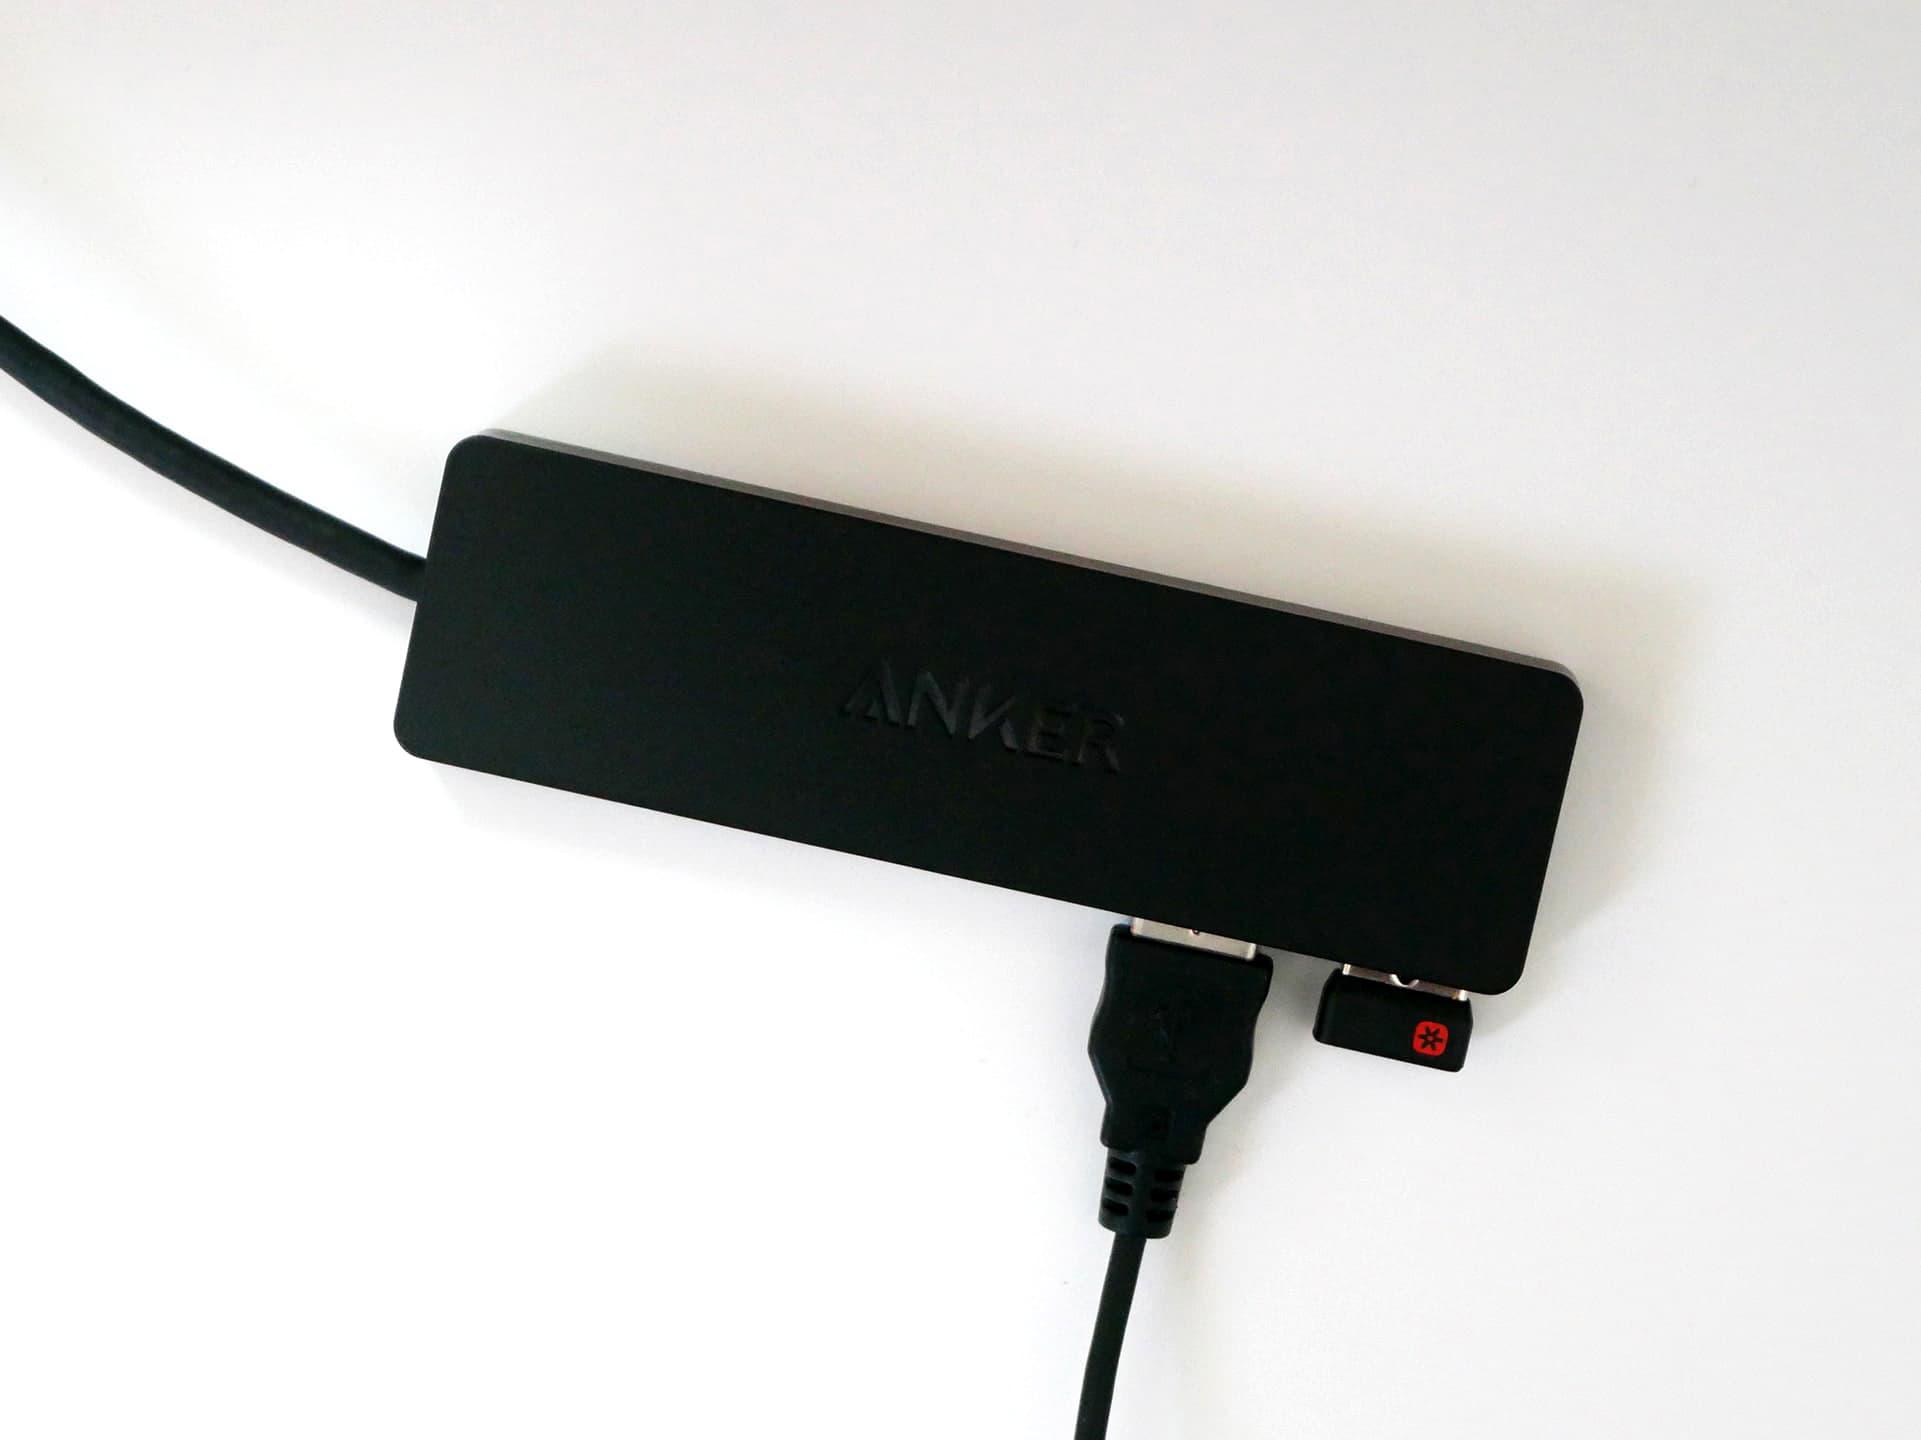 Anker「 Anker 4-Port Ultra-Slim USB 3.0 Hub(60cm ケーブル)」にUSBレシーバー、USBケーブルを接続した状態